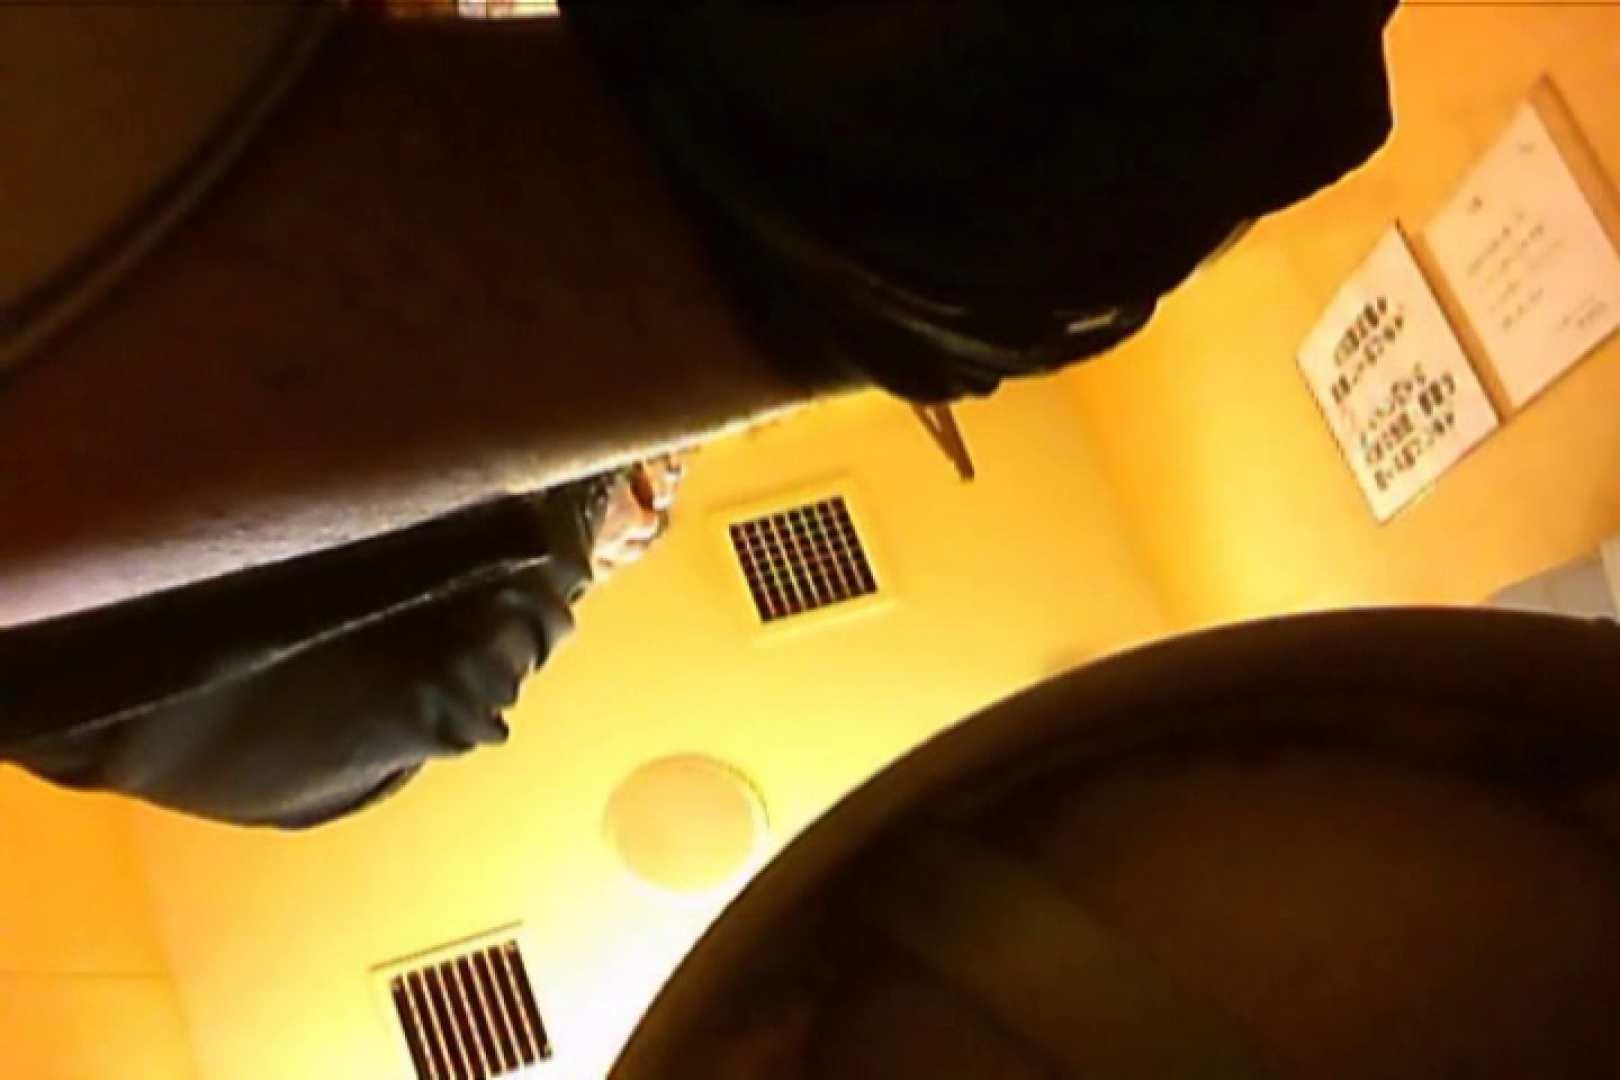 SEASON 2ND!掴み取りさんの洗面所覗き!in新幹線!VOL.04 完全無修正でお届け   ノンケボーイズ  64pic 8